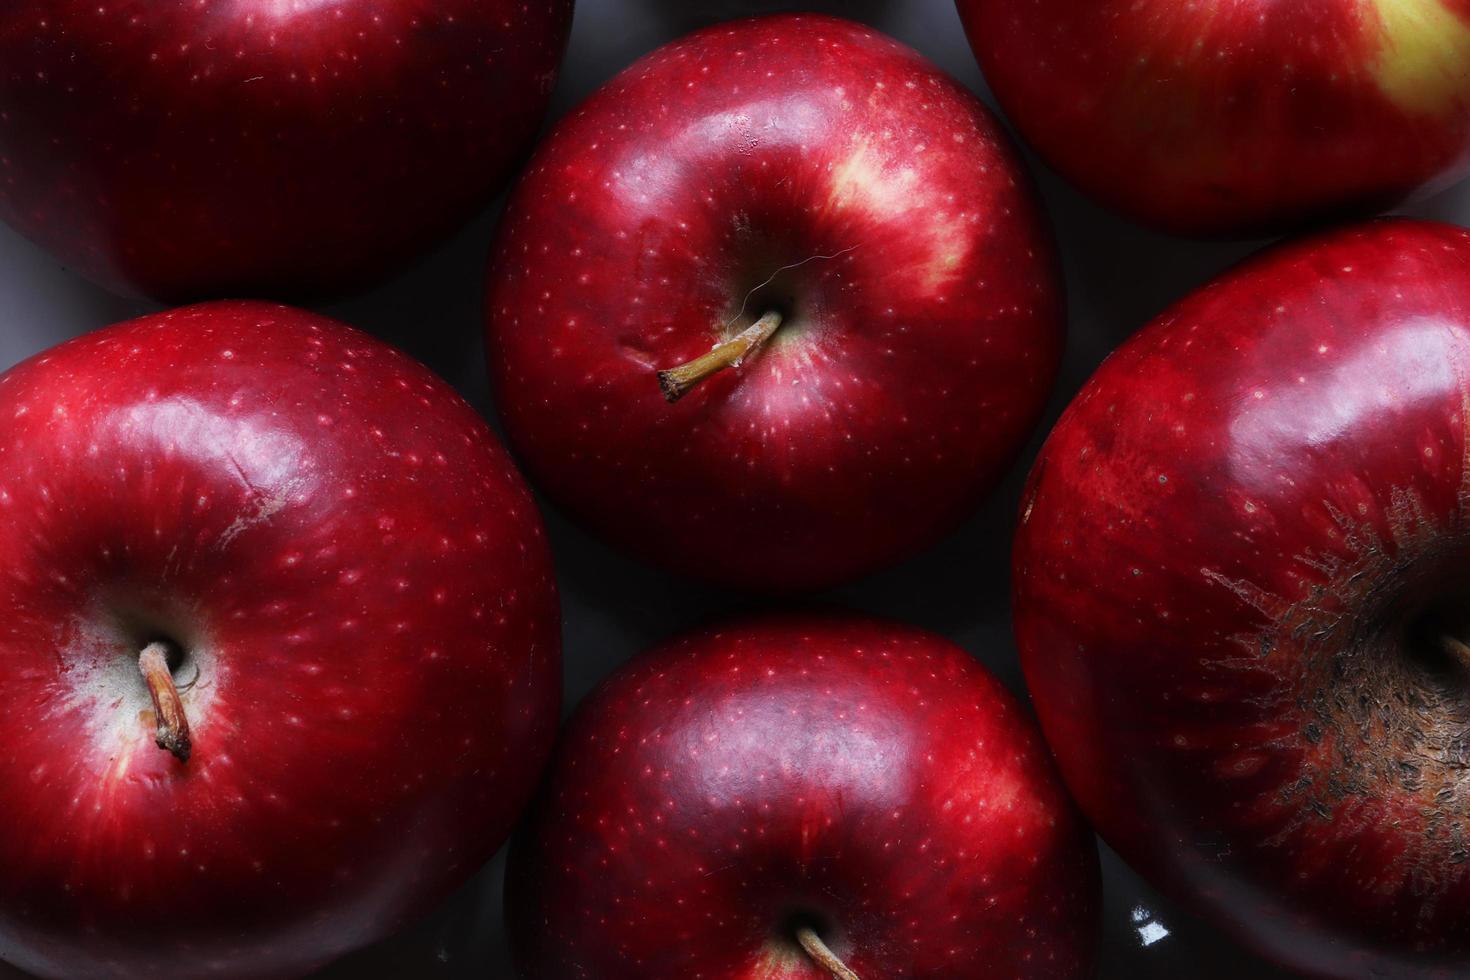 fotografia di mele per sfondo alimentare foto